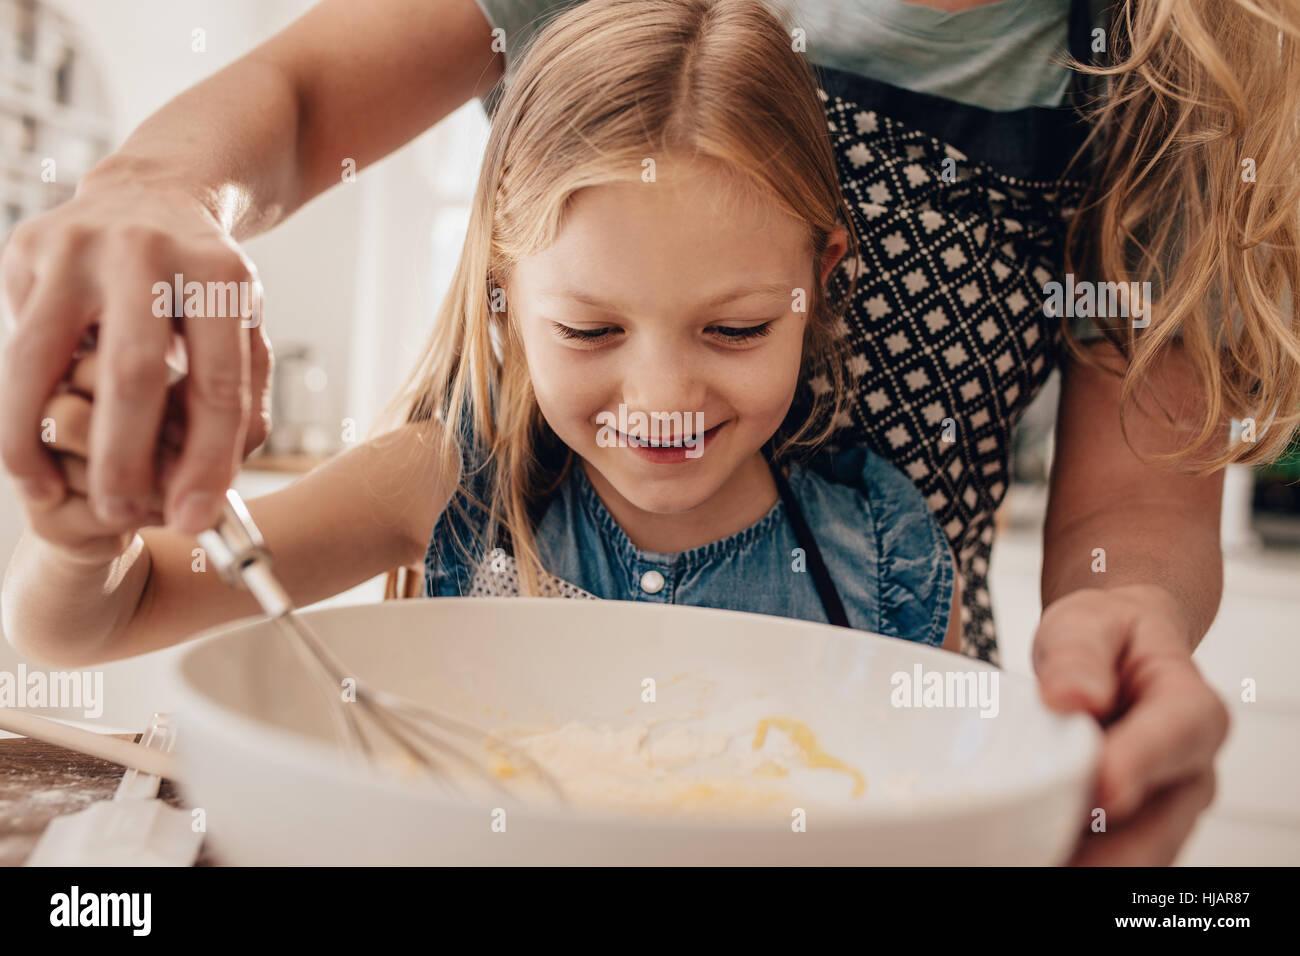 Belle petite fille avec sa mère dans un bol mixer et souriant. Mère et fille dans la cuisine préparer Photo Stock